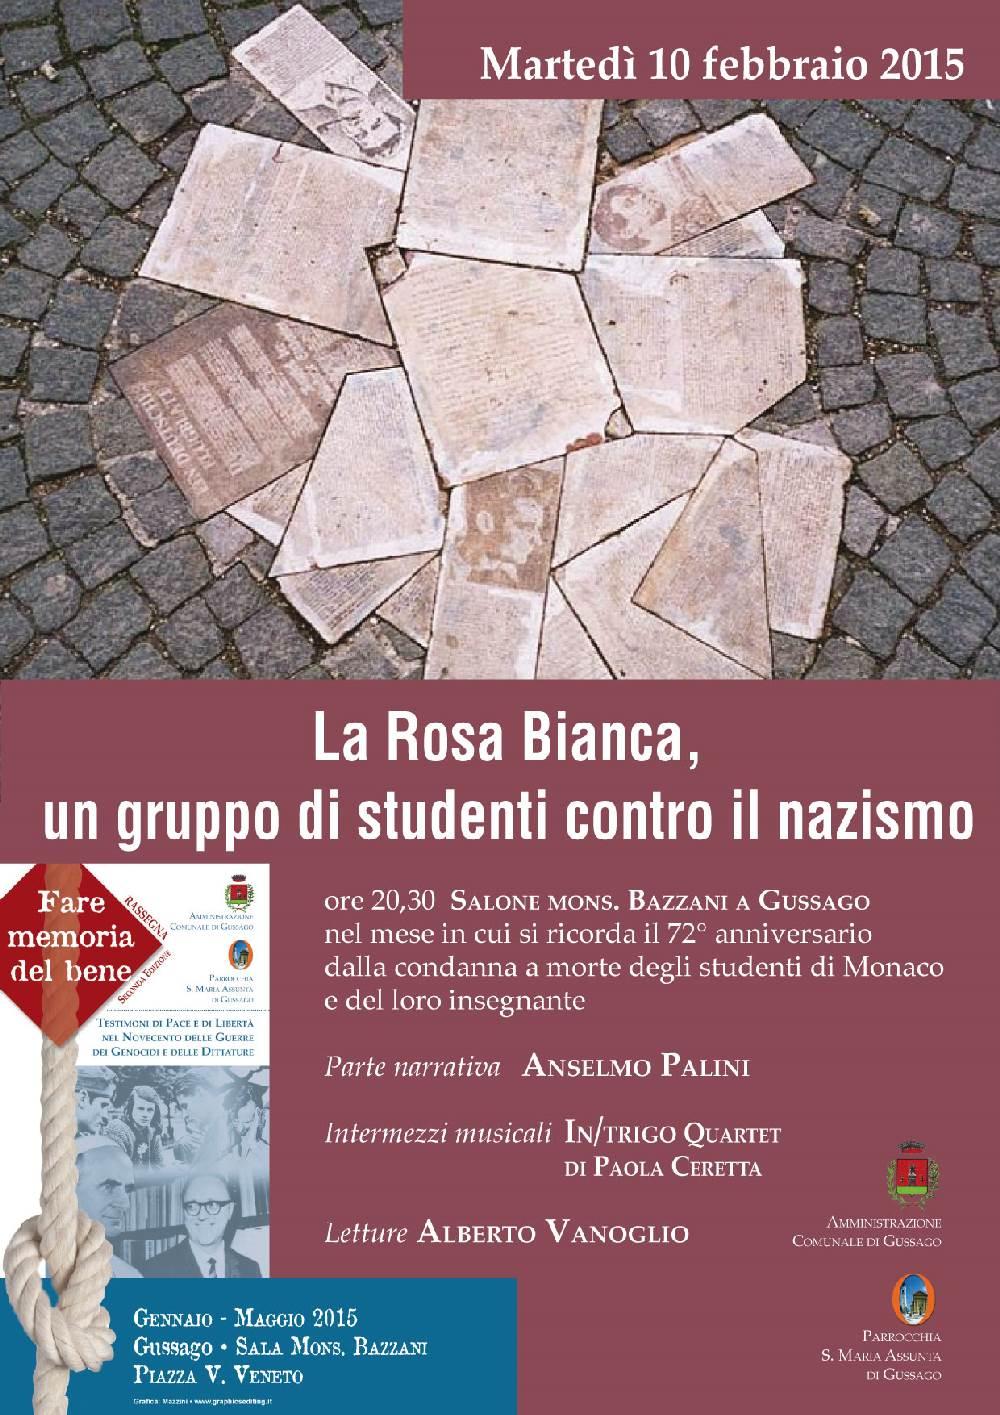 Fare Memoria del bene: la Rosa Bianca, un gruppo di studenti contro il nazismo